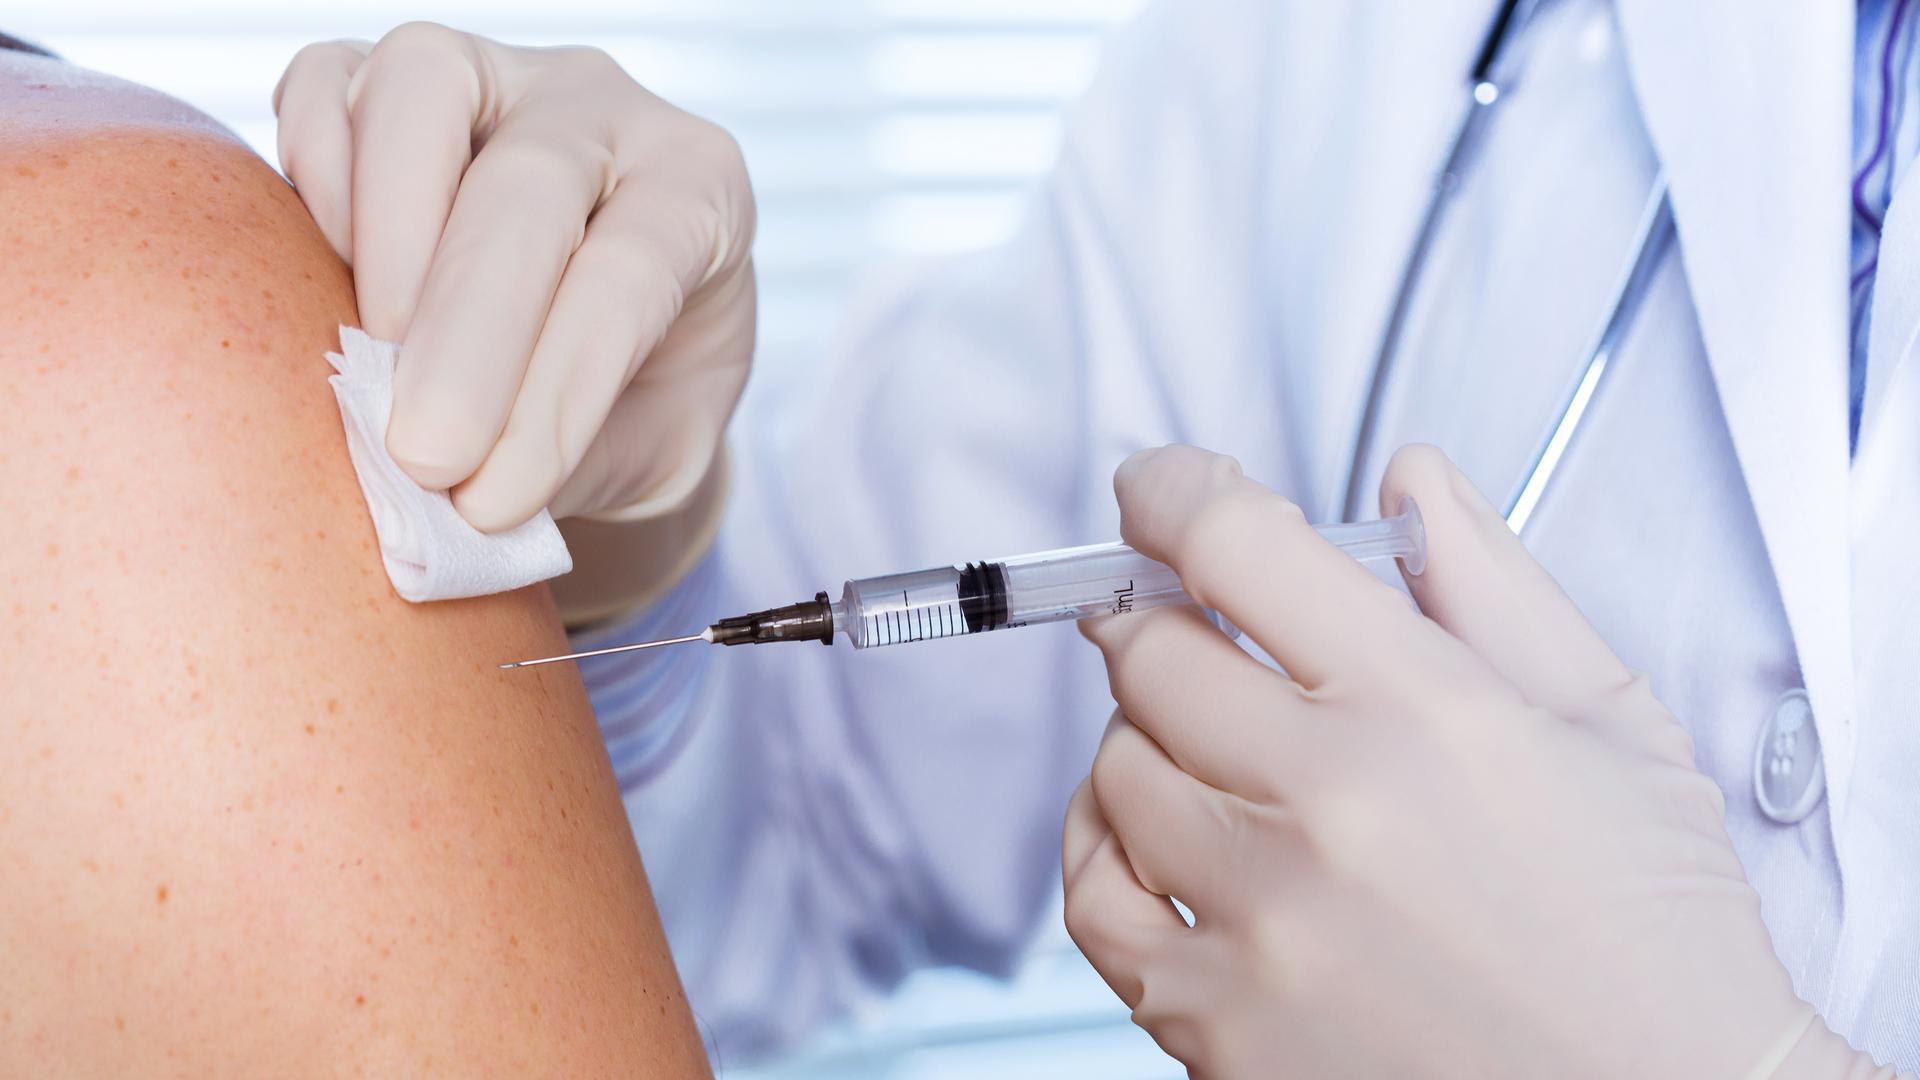 Schnelle Impfung: Einen vorbeugenden Schutz vor Grippe bietet eine Impfung, auf die vor allem vorbelastete Personen machen sollten.